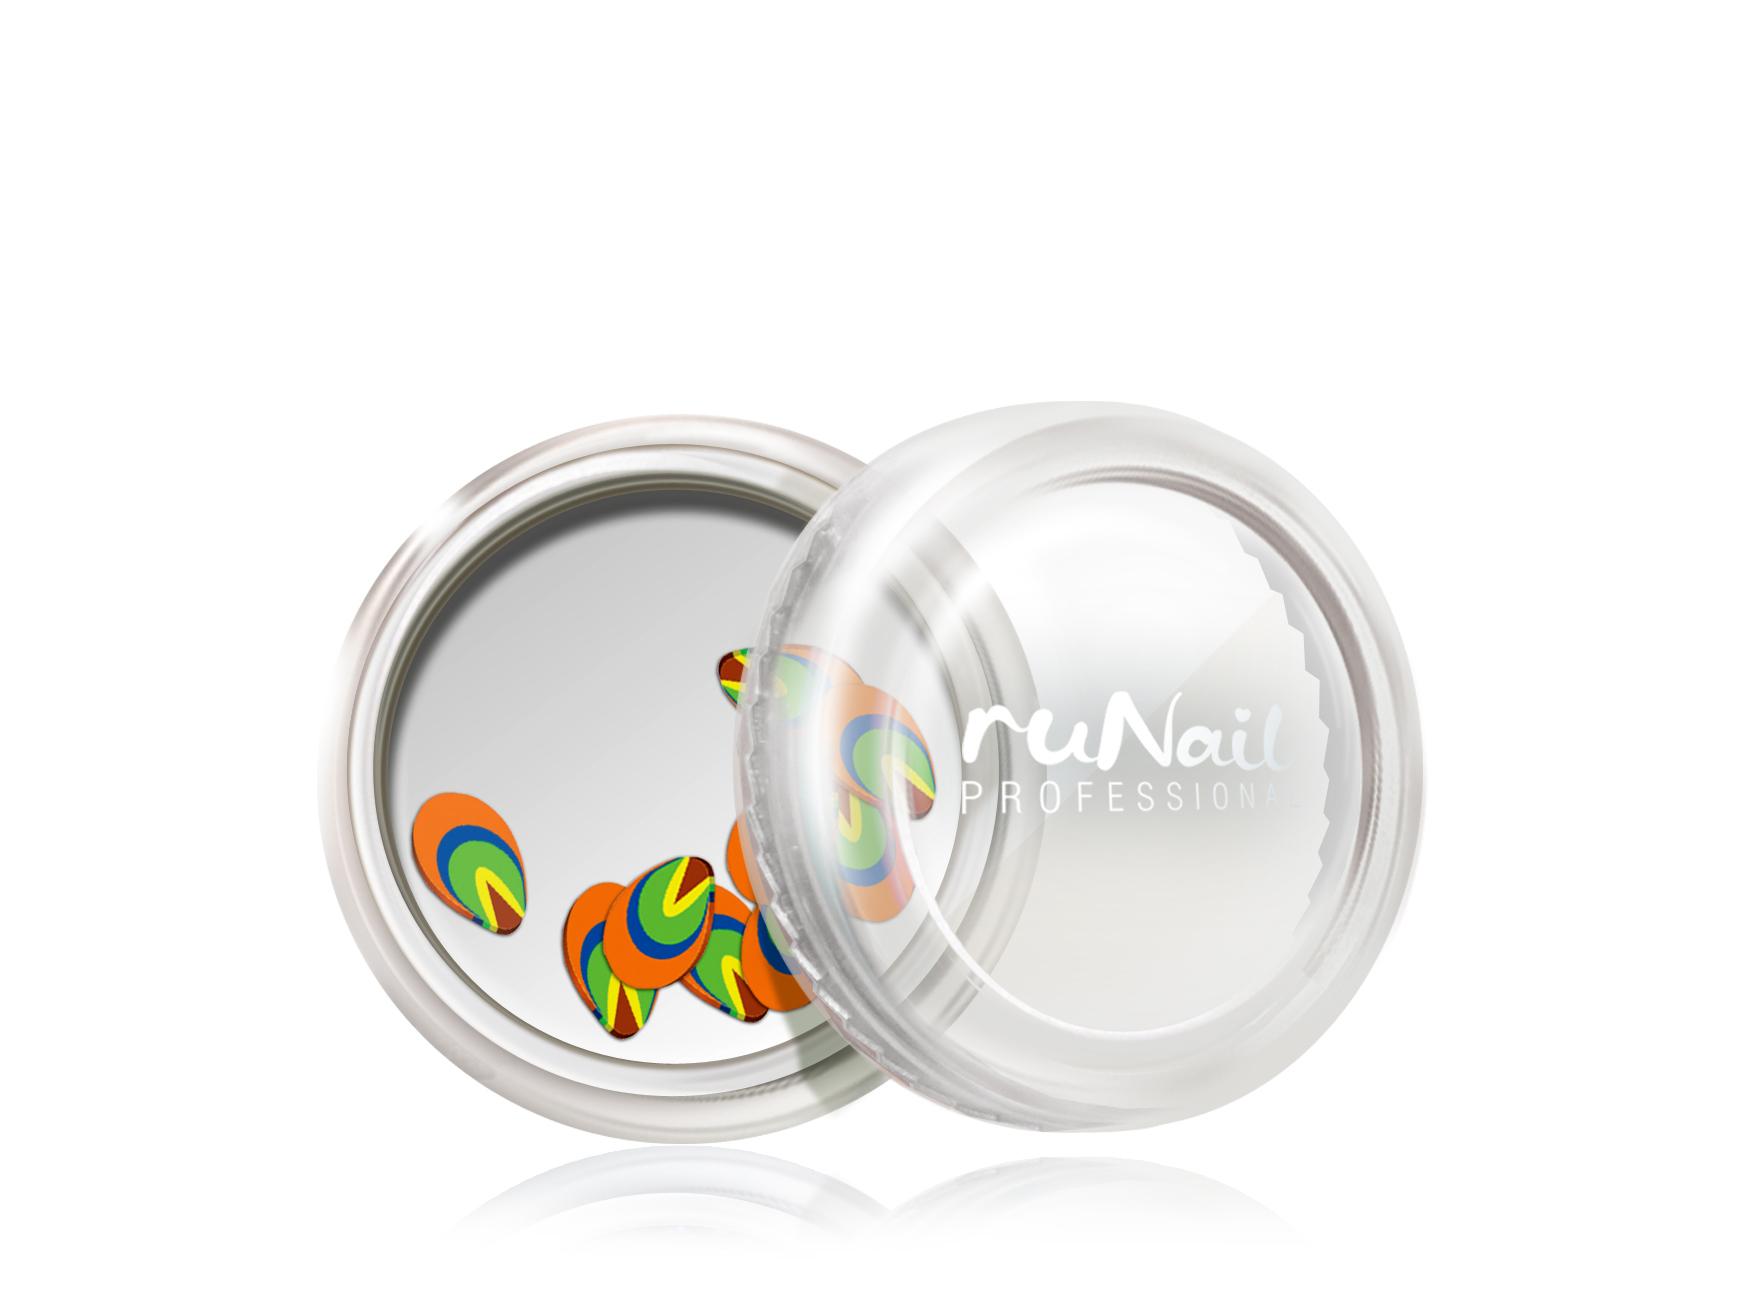 Дизайн для ногтей: резиновые аппликации (фигурки, цвет: оранжево-зеленый) №0416